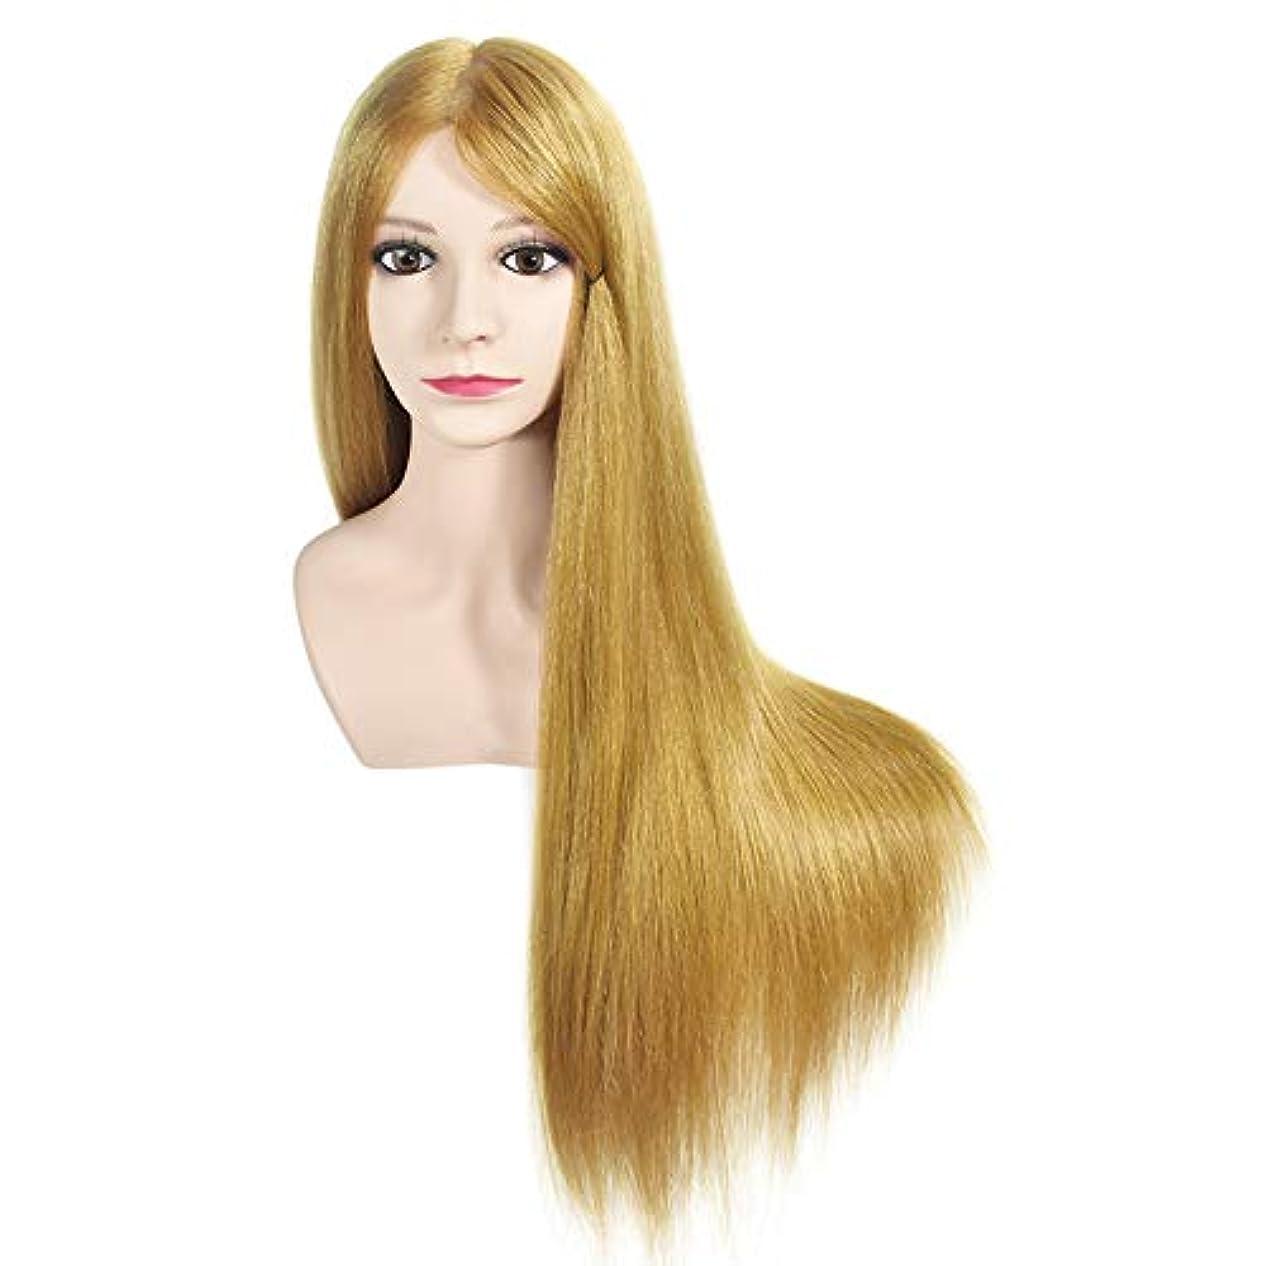 お嬢第二下向きサロンヘアブレイド理髪指導ヘッドスタイリング散髪ダミーヘッド化粧学習ショルダーマネキンヘッド